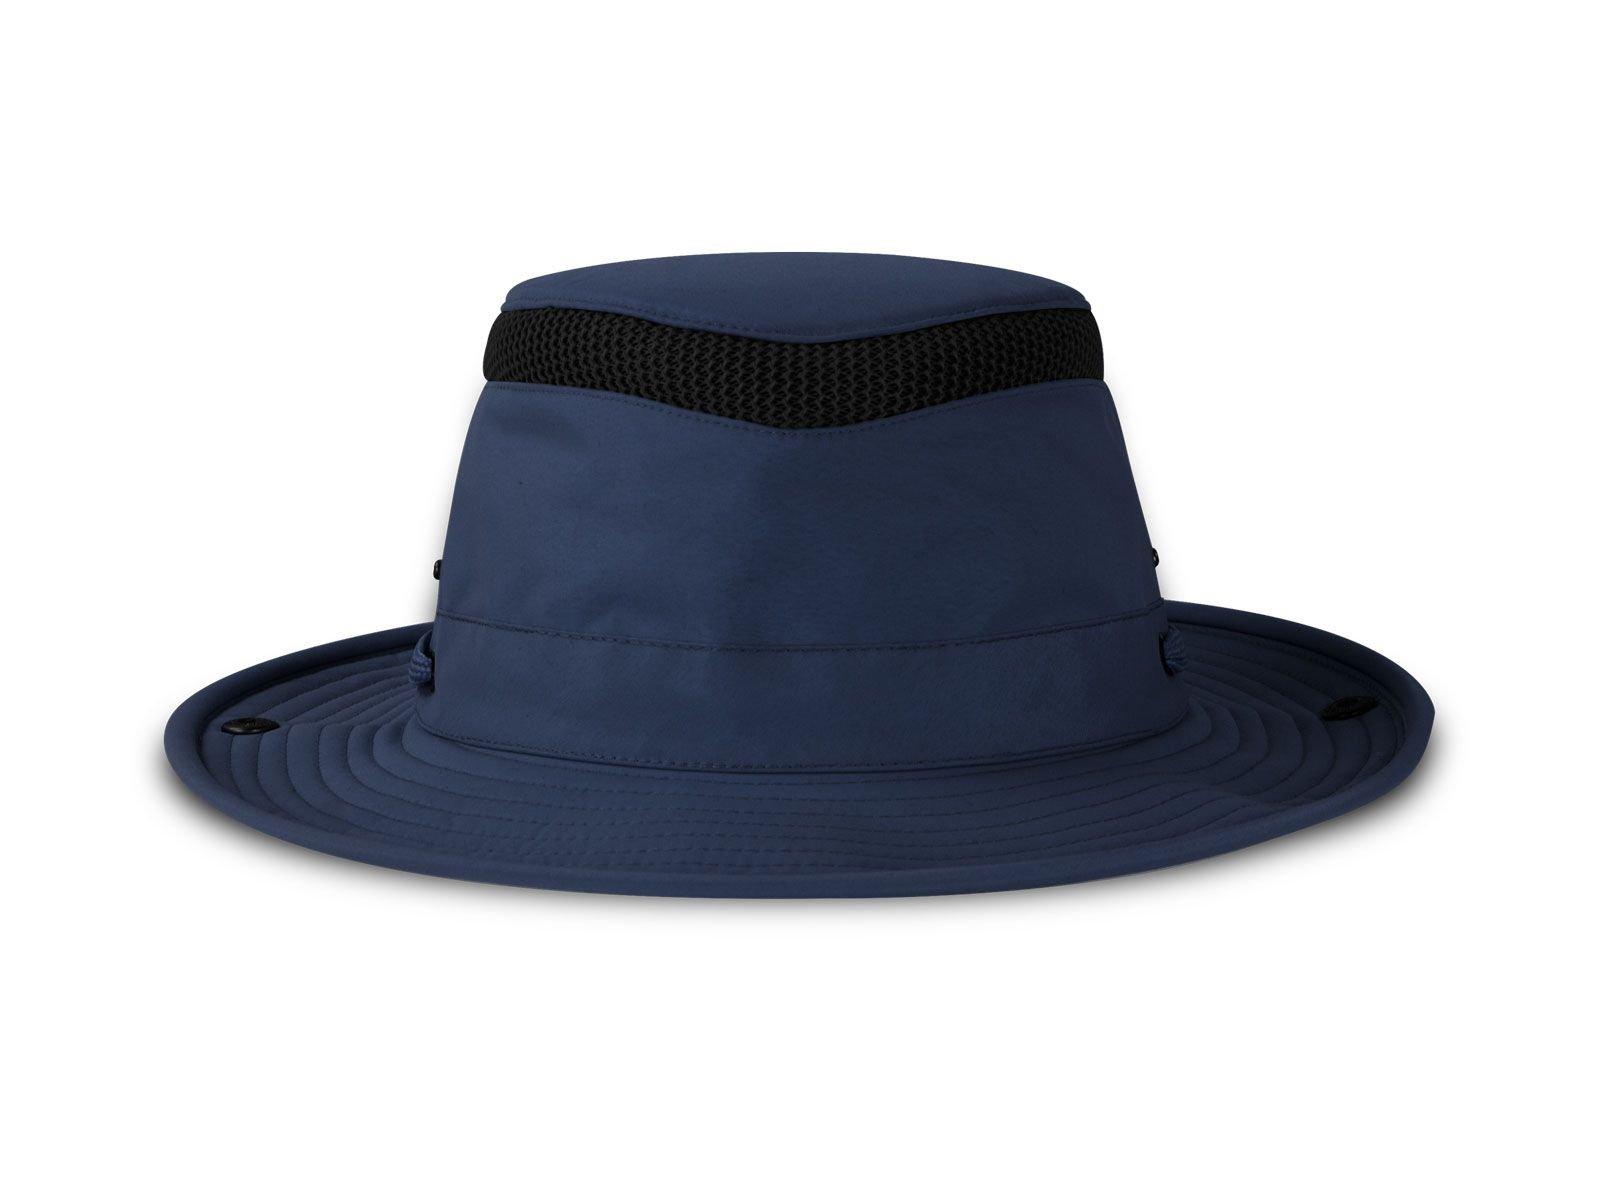 Tilley ENDURABLES Ltm3 Airflo Hat, Color: Navy, Size: 7 3/8 (10NM03HTLM30275)